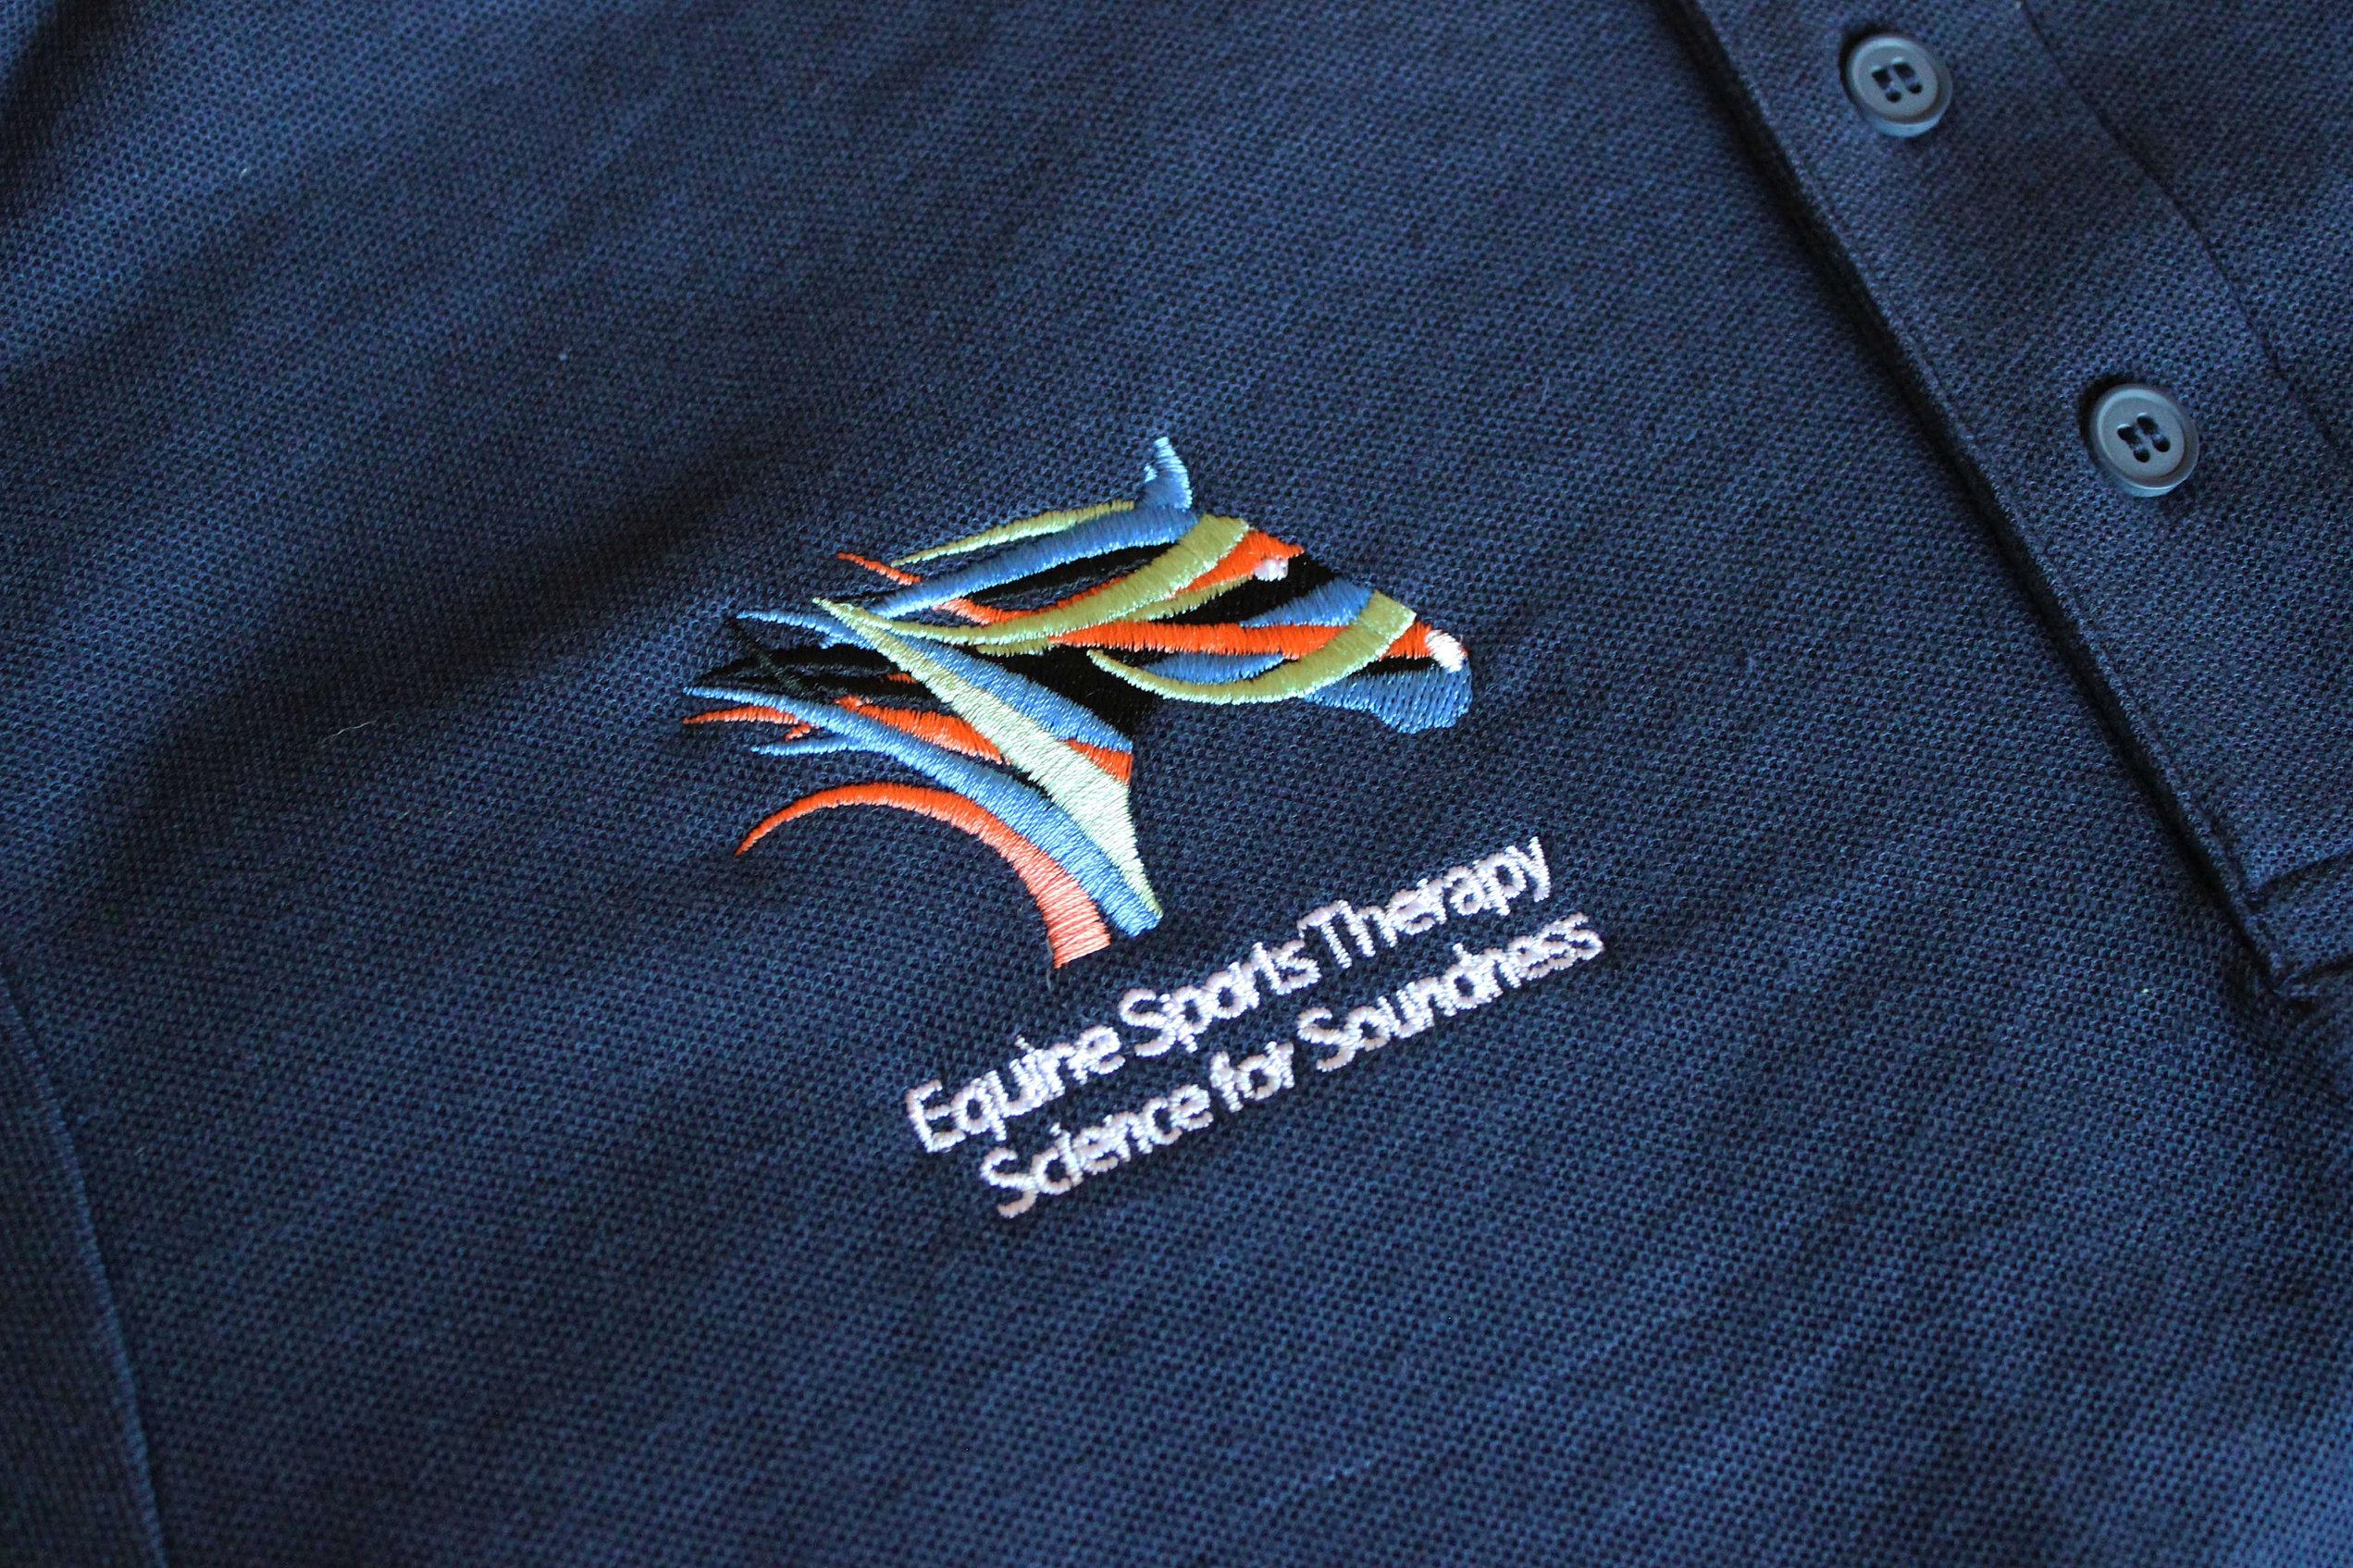 Embroidery Digitizer Mjw Embroidery Uk Amp Europe